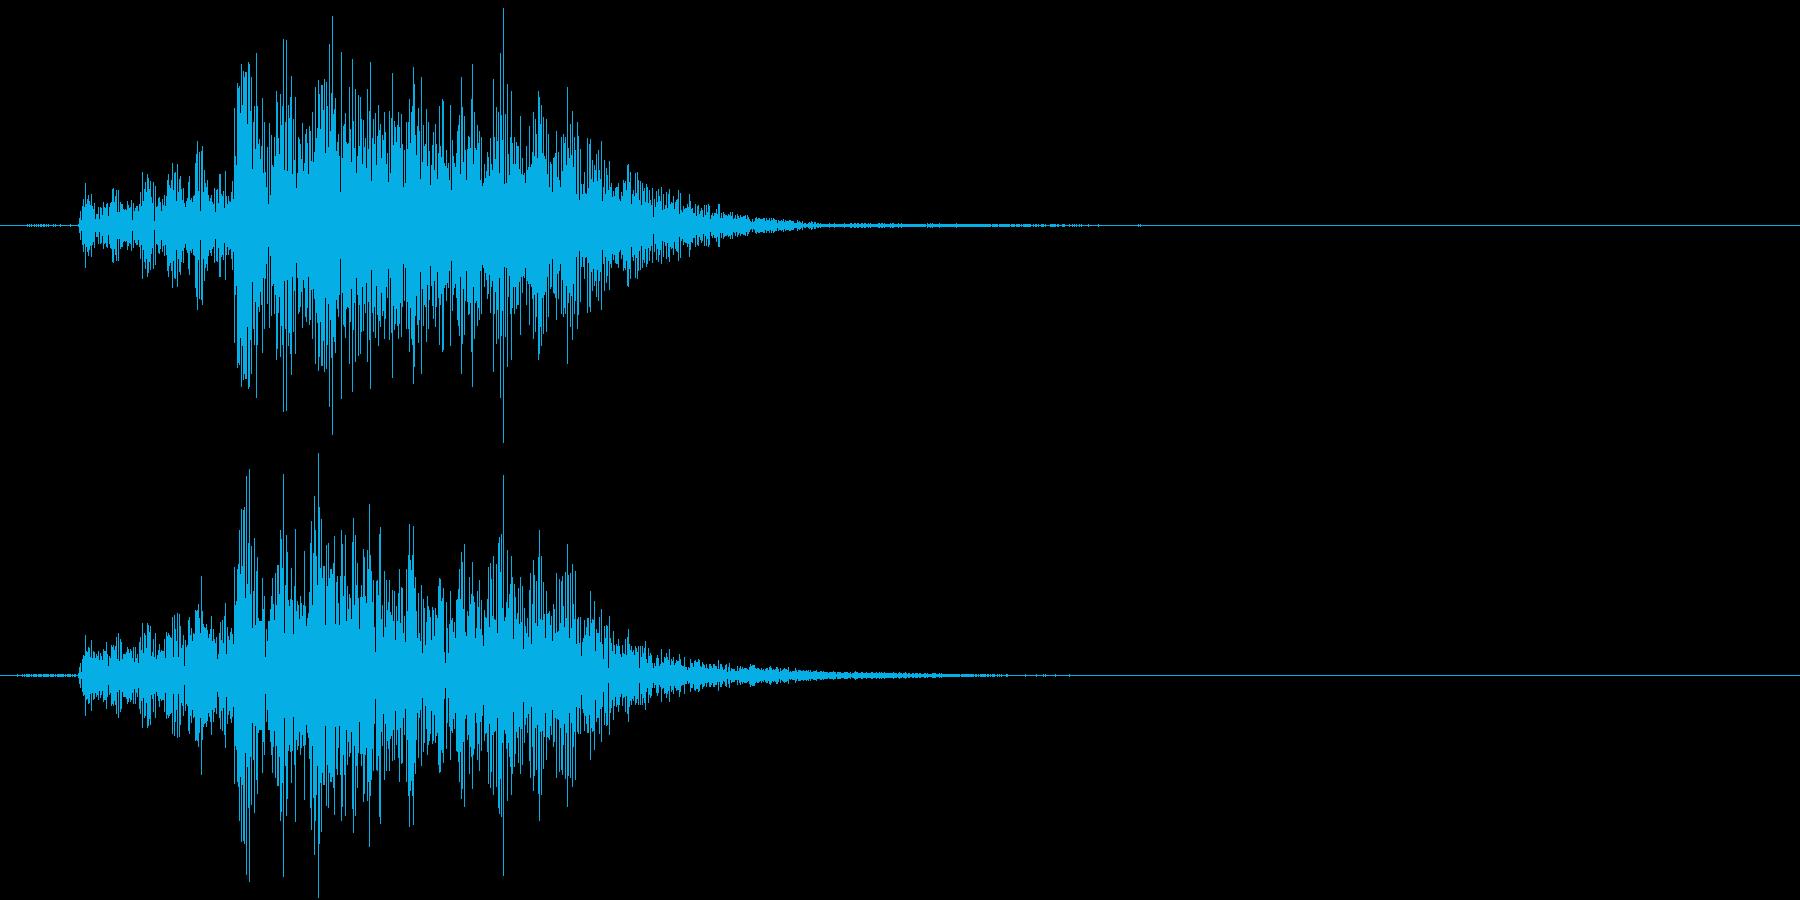 【生録音】お箸の音 34 揃えて皿の上にの再生済みの波形